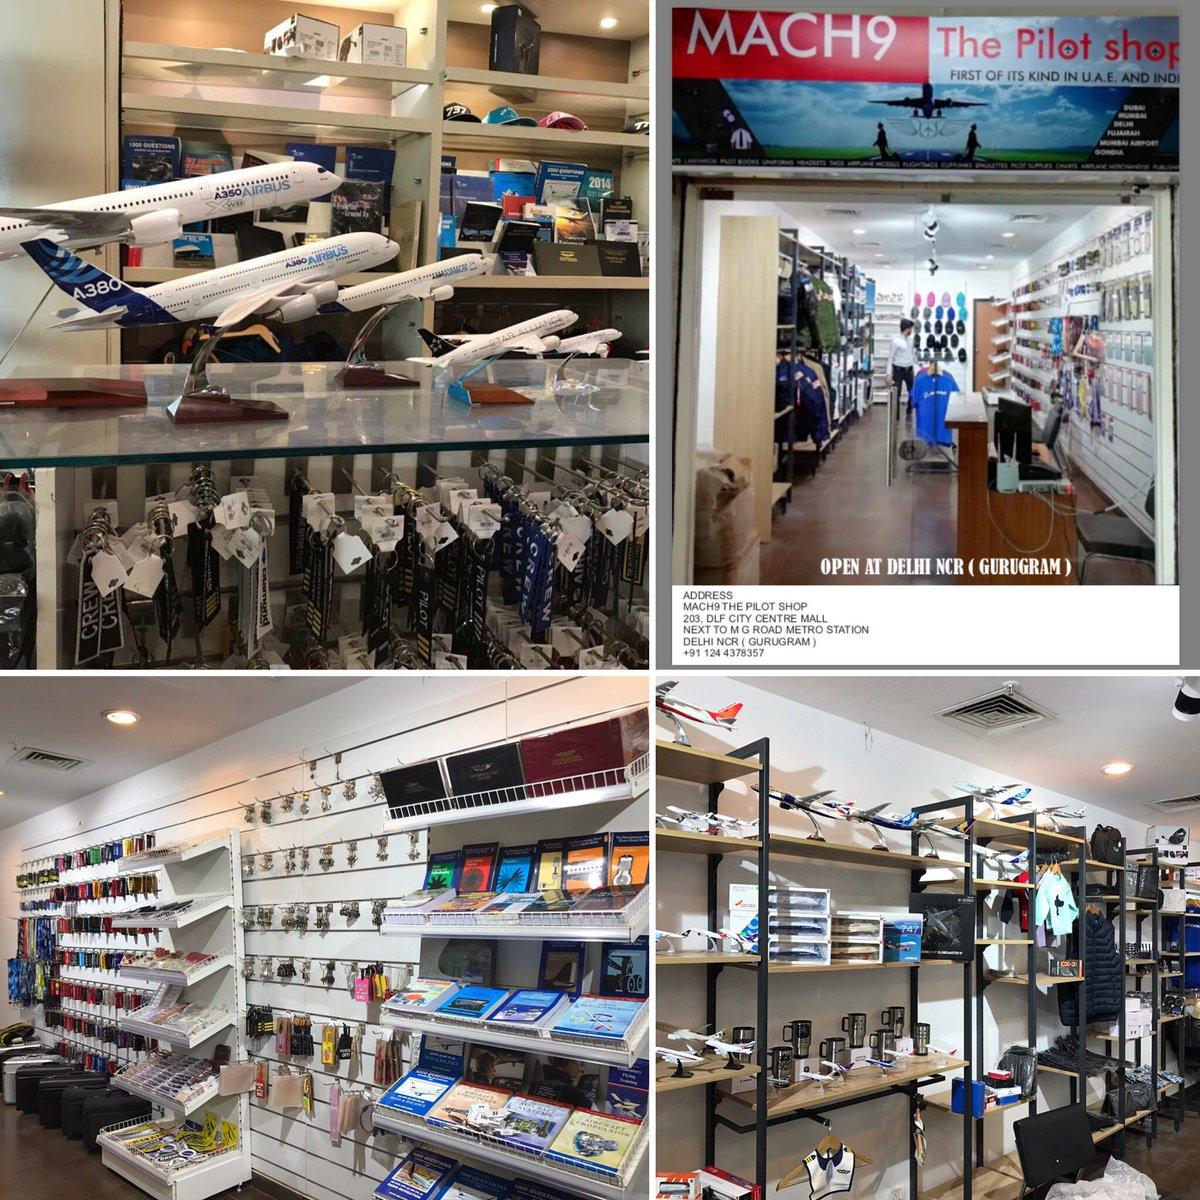 Mach9 The Pilot Shop (@Mach9The) | Twitter